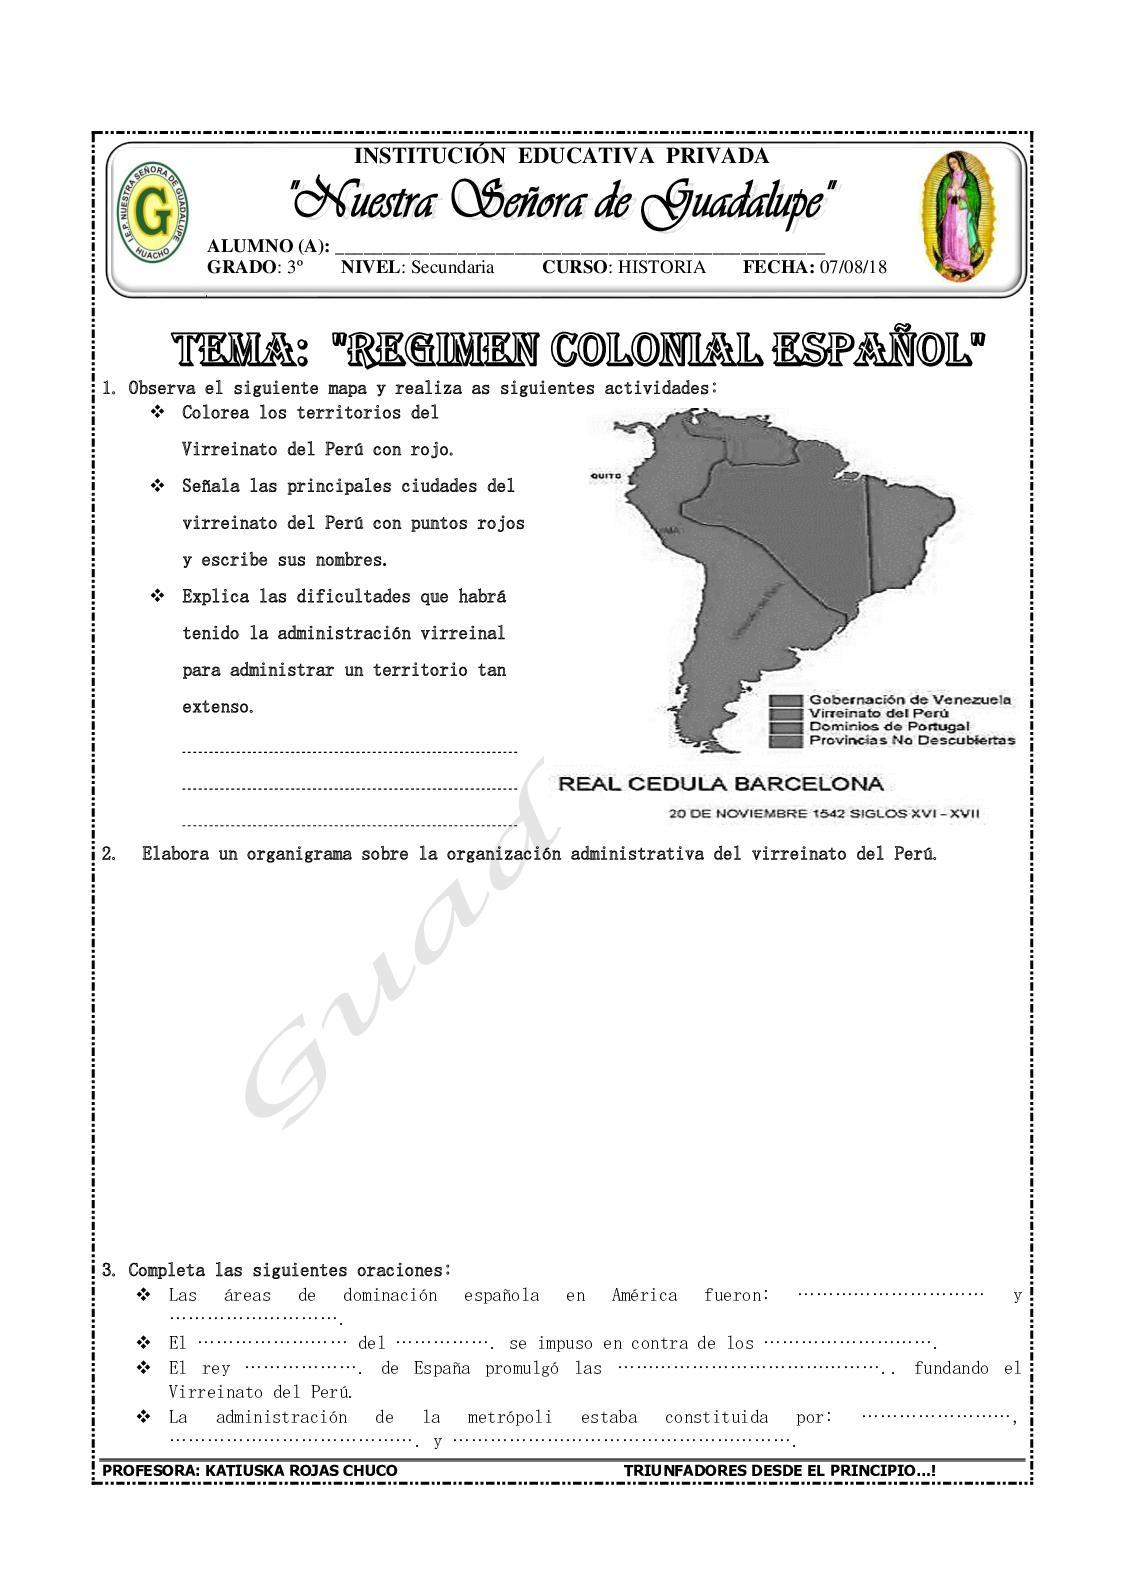 Regimen Colonial Español